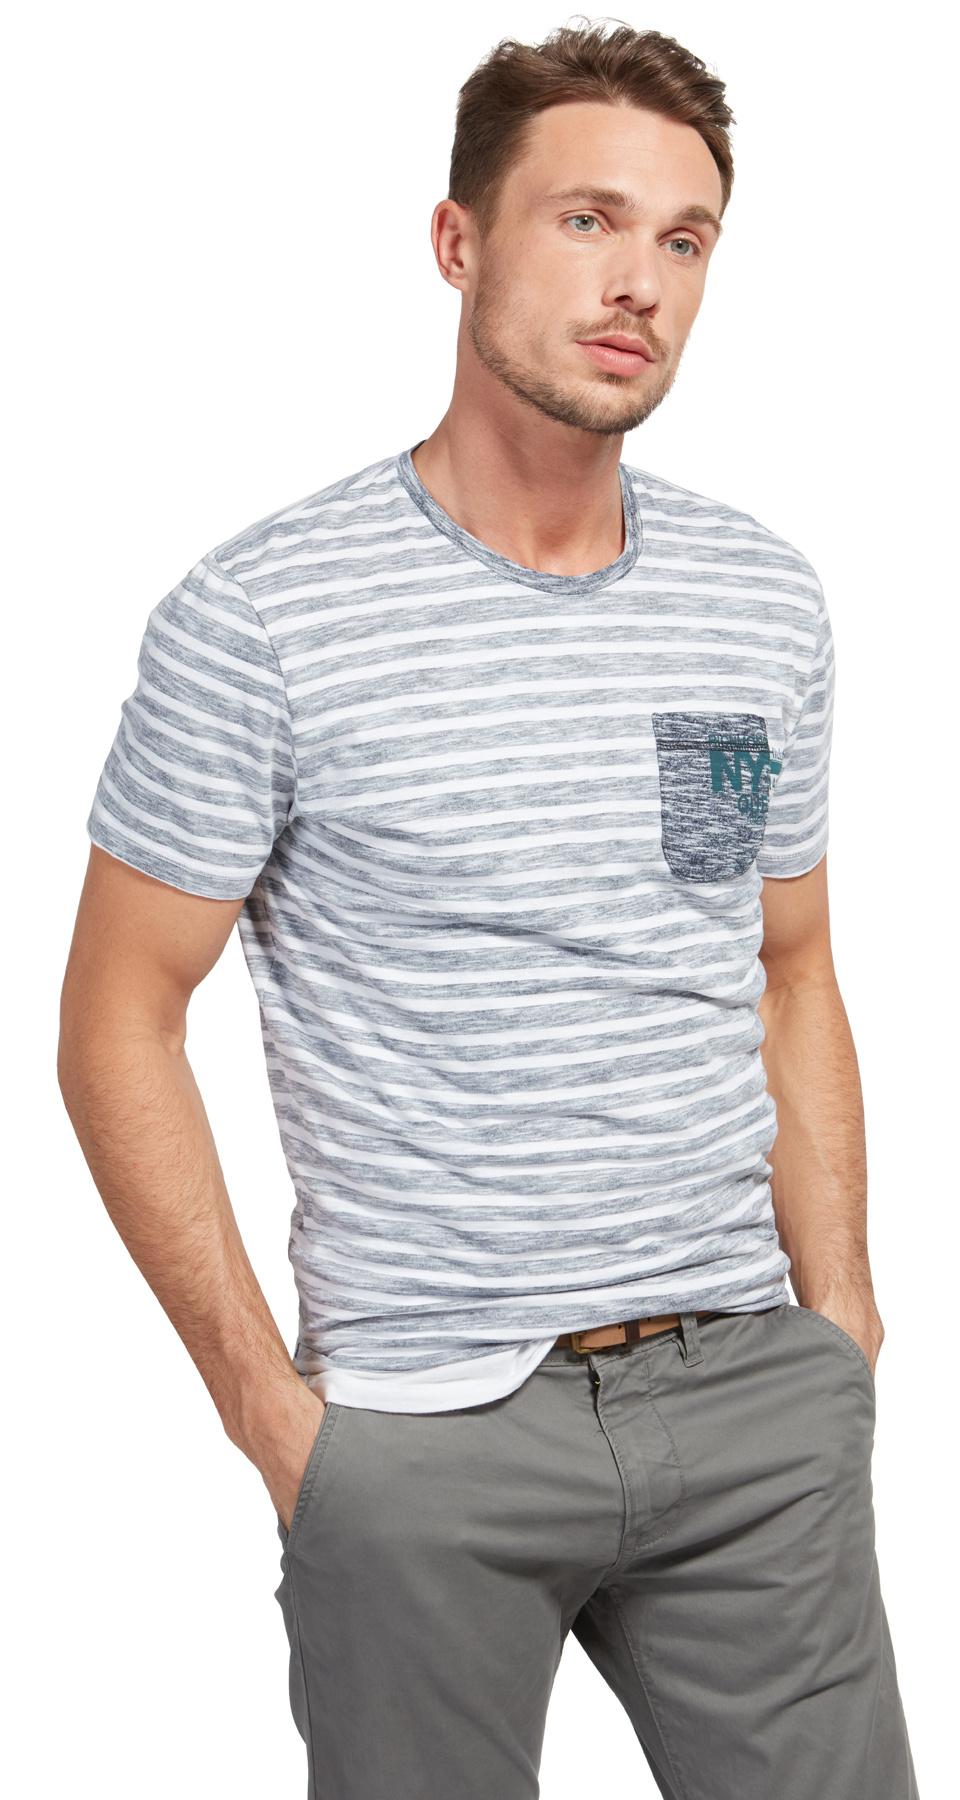 Tom Tailor triko s kapsičkou 1038596/2000 Bílá XXL